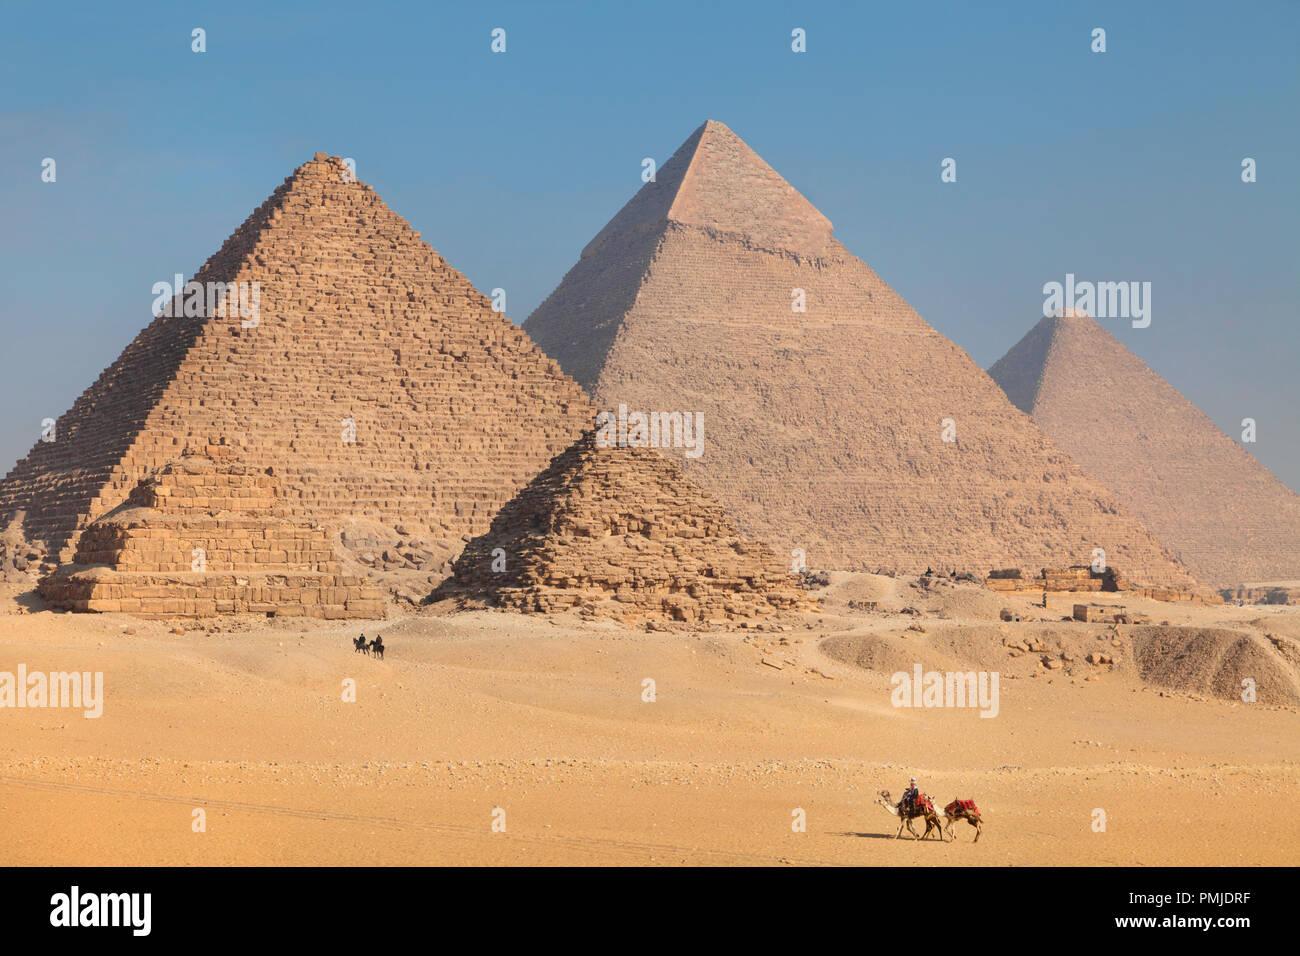 Les chameaux de promenades à travers le désert de sable sur le plateau près de Gizeh Les pyramides de l'Égypte Photo Stock